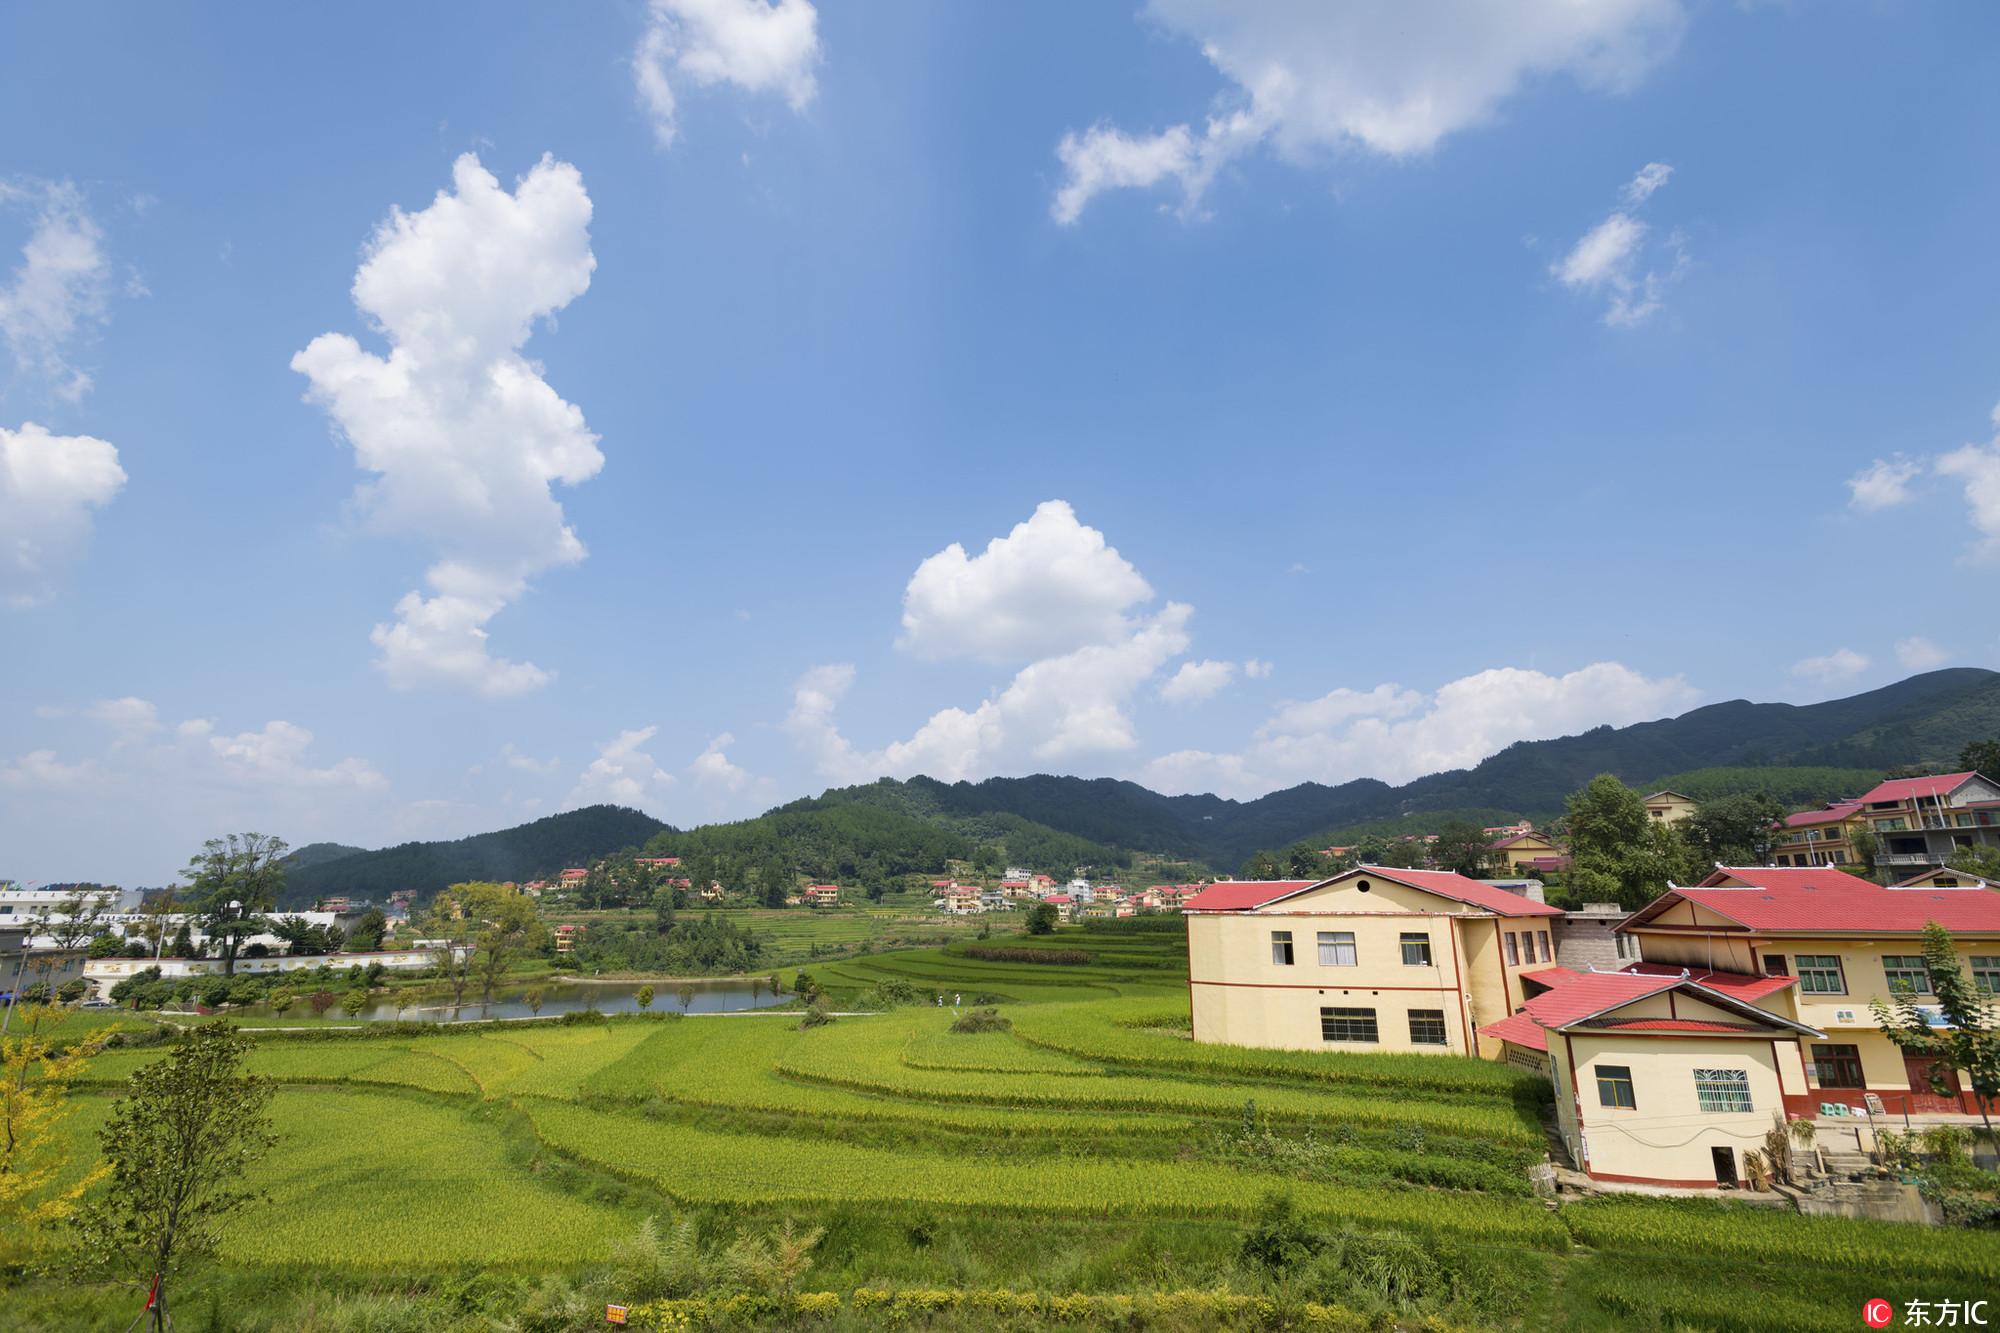 贵州省仁怀市高大坪镇银水村,蓝天,白云,稻田与美丽乡村相互映衬,生机